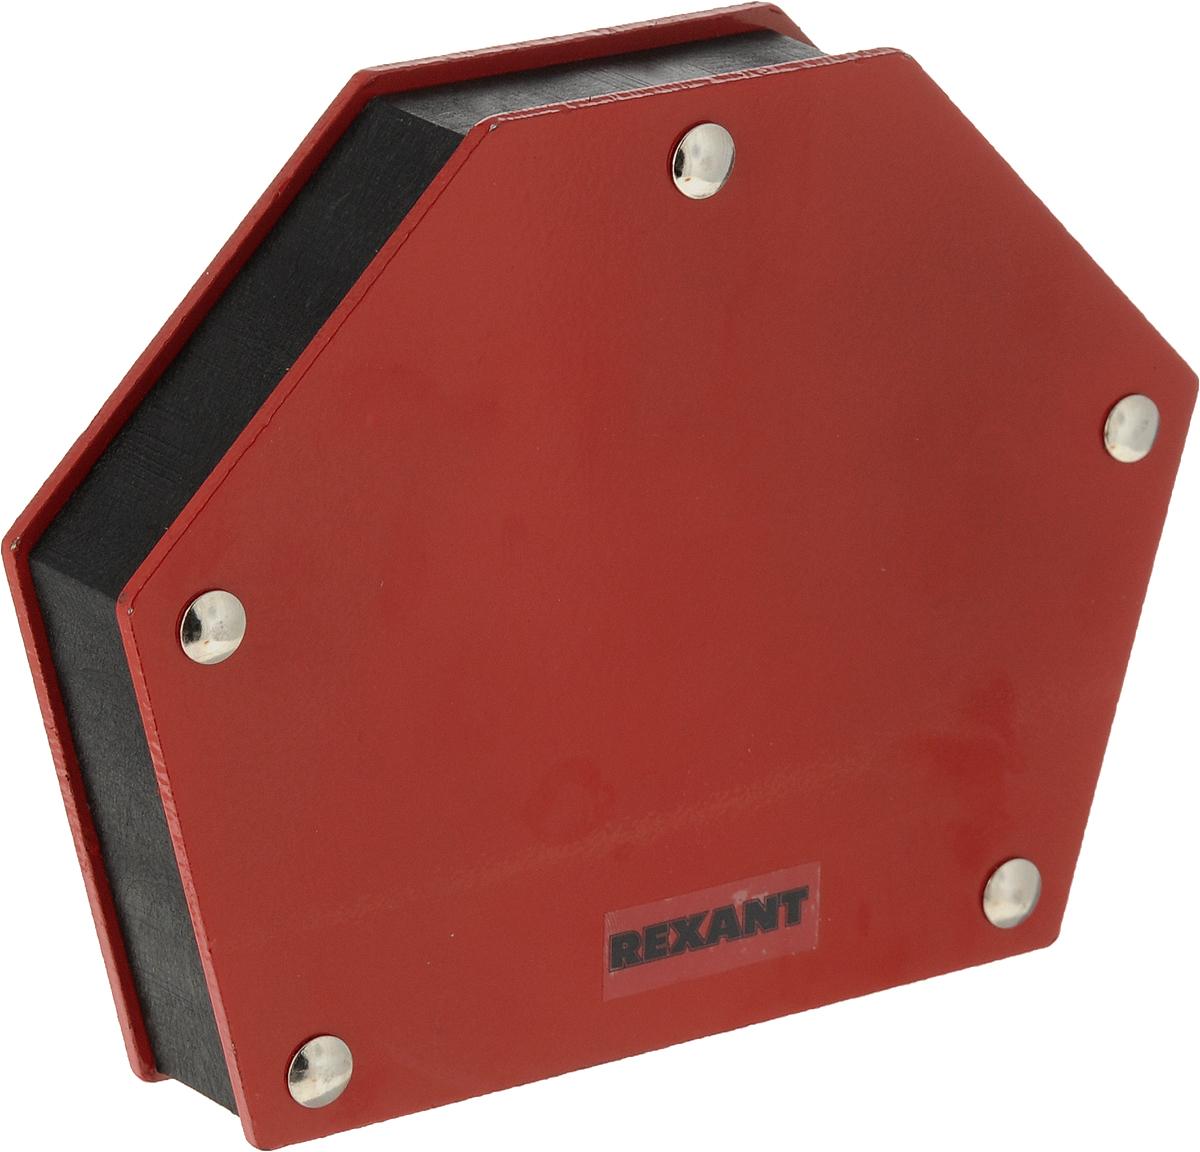 Магнитный угольник Rexant, держатель для сварки на 6 углов, усилие 34 кг12-4833Магнитный угольник держатель для сварки на 6 углов усилие 34 Кг Rexant, предназначен для фиксации металлических деталей при сварке, пайке и сборке конструкций. Применяется для работы с круглыми и прямоугольными трубами, полосами, уголками, профилями, листовым, сплошным и другими видами металла. Угольник быстро и надежно соединяет детали, сокращает время работы, облегчает монтаж и заменяет громоздкие зажимы и неудобные струбцины. Углы: 30°, 45°, 60°, 75°, 90°, 135°.Максимальное усилие — 34 кг (75 Lbs)